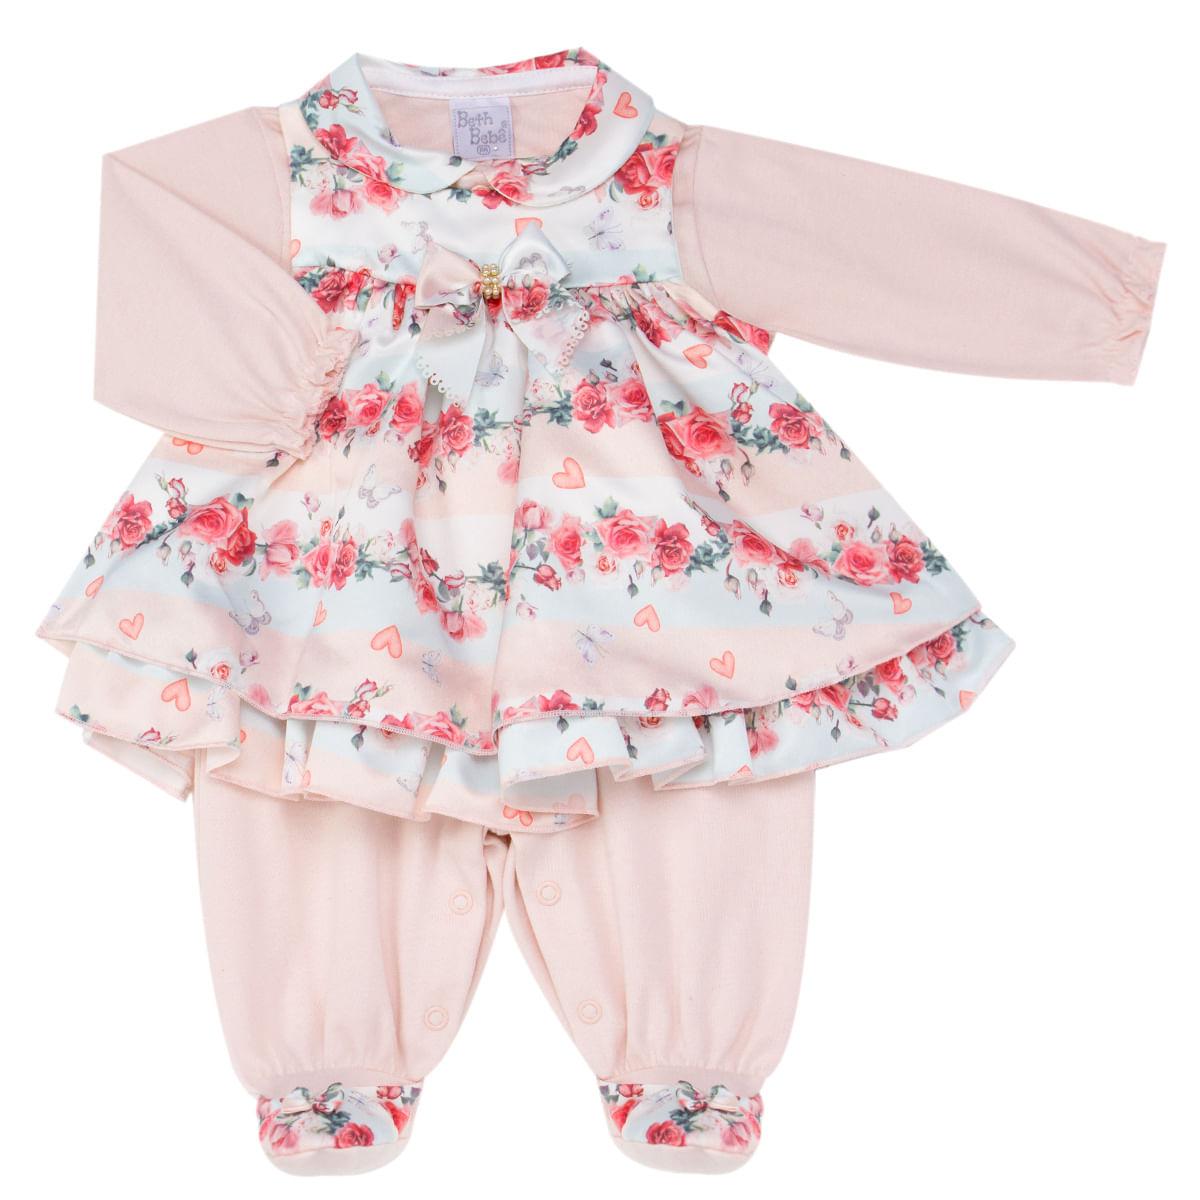 0345afea25 Macacão longo Vestido para bebe em cetim Clara - Beth Bebê no ...